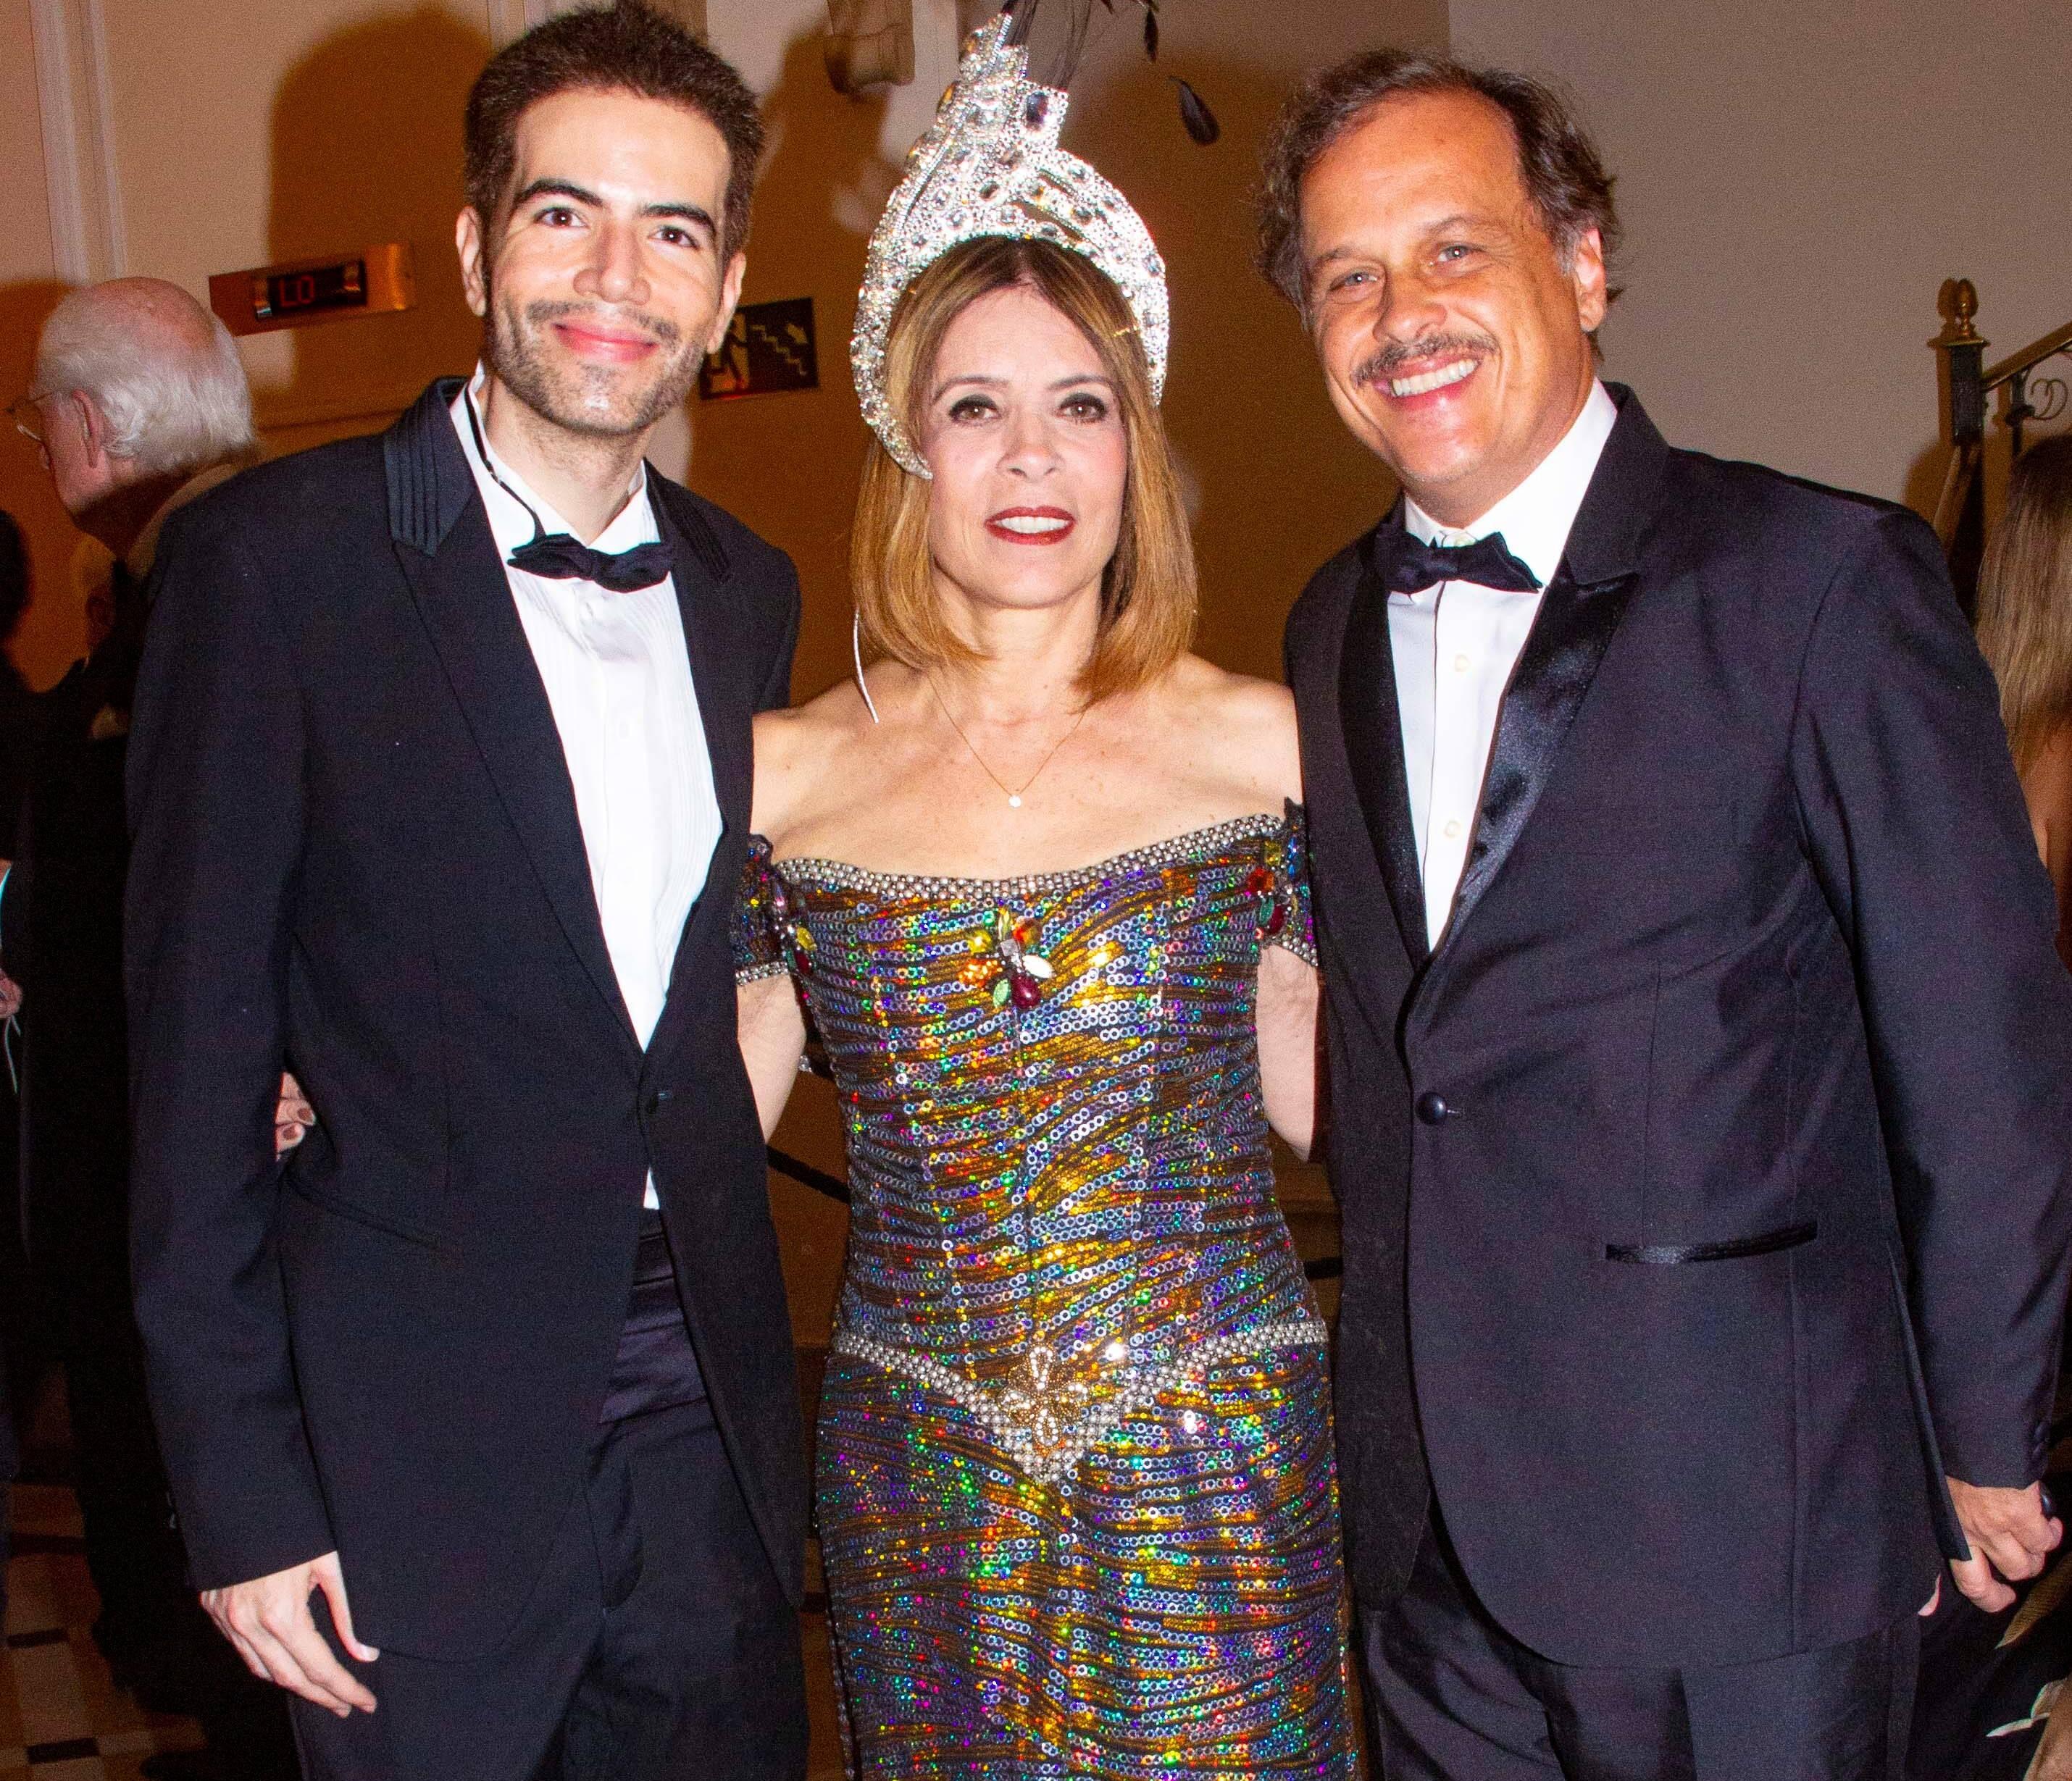 Luiz Fernando Coutinho, Liège Monteiro e Guilherme Fontes /Foto: Veronica Pontes